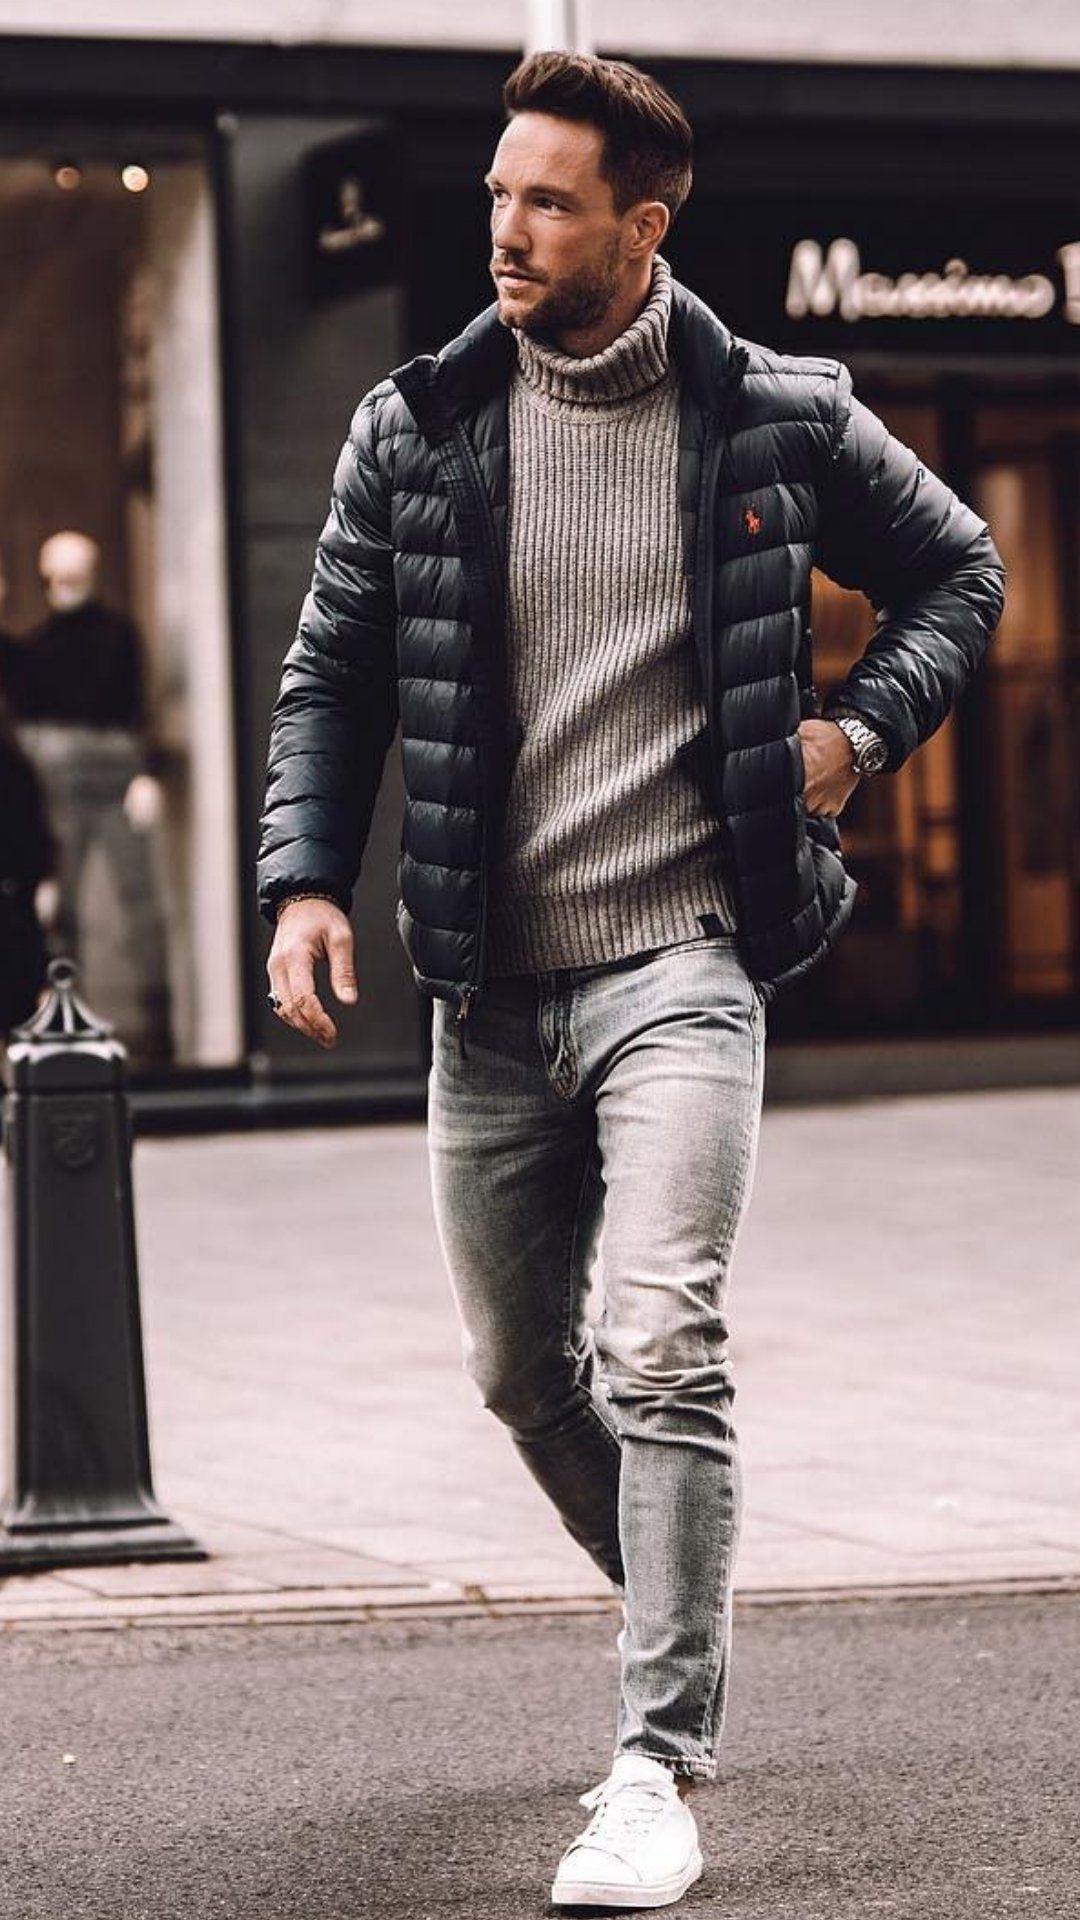 5 Coolest Winter Outfits You Can Steal - Obwohl die meisten von uns als Männer in Bezug auf Kleidung nachlässig zu sein scheinen, legen wir in den meisten Fällen Wert auf Qualität und Stil und kleiden uns fast genauso wie Frauen. Ich habe für Sie die lebensrettenden Hinweise auf Qualität und Stil des Dressings zusammengestellt, damit wir es erfolgreicher projizieren können. Zunächst muss ich sagen, dass man keine teuren Klamotten tragen muss, um stilvoll und stylish zu sein.  Stellen Sie Ihre K #winteroutfitsforschool